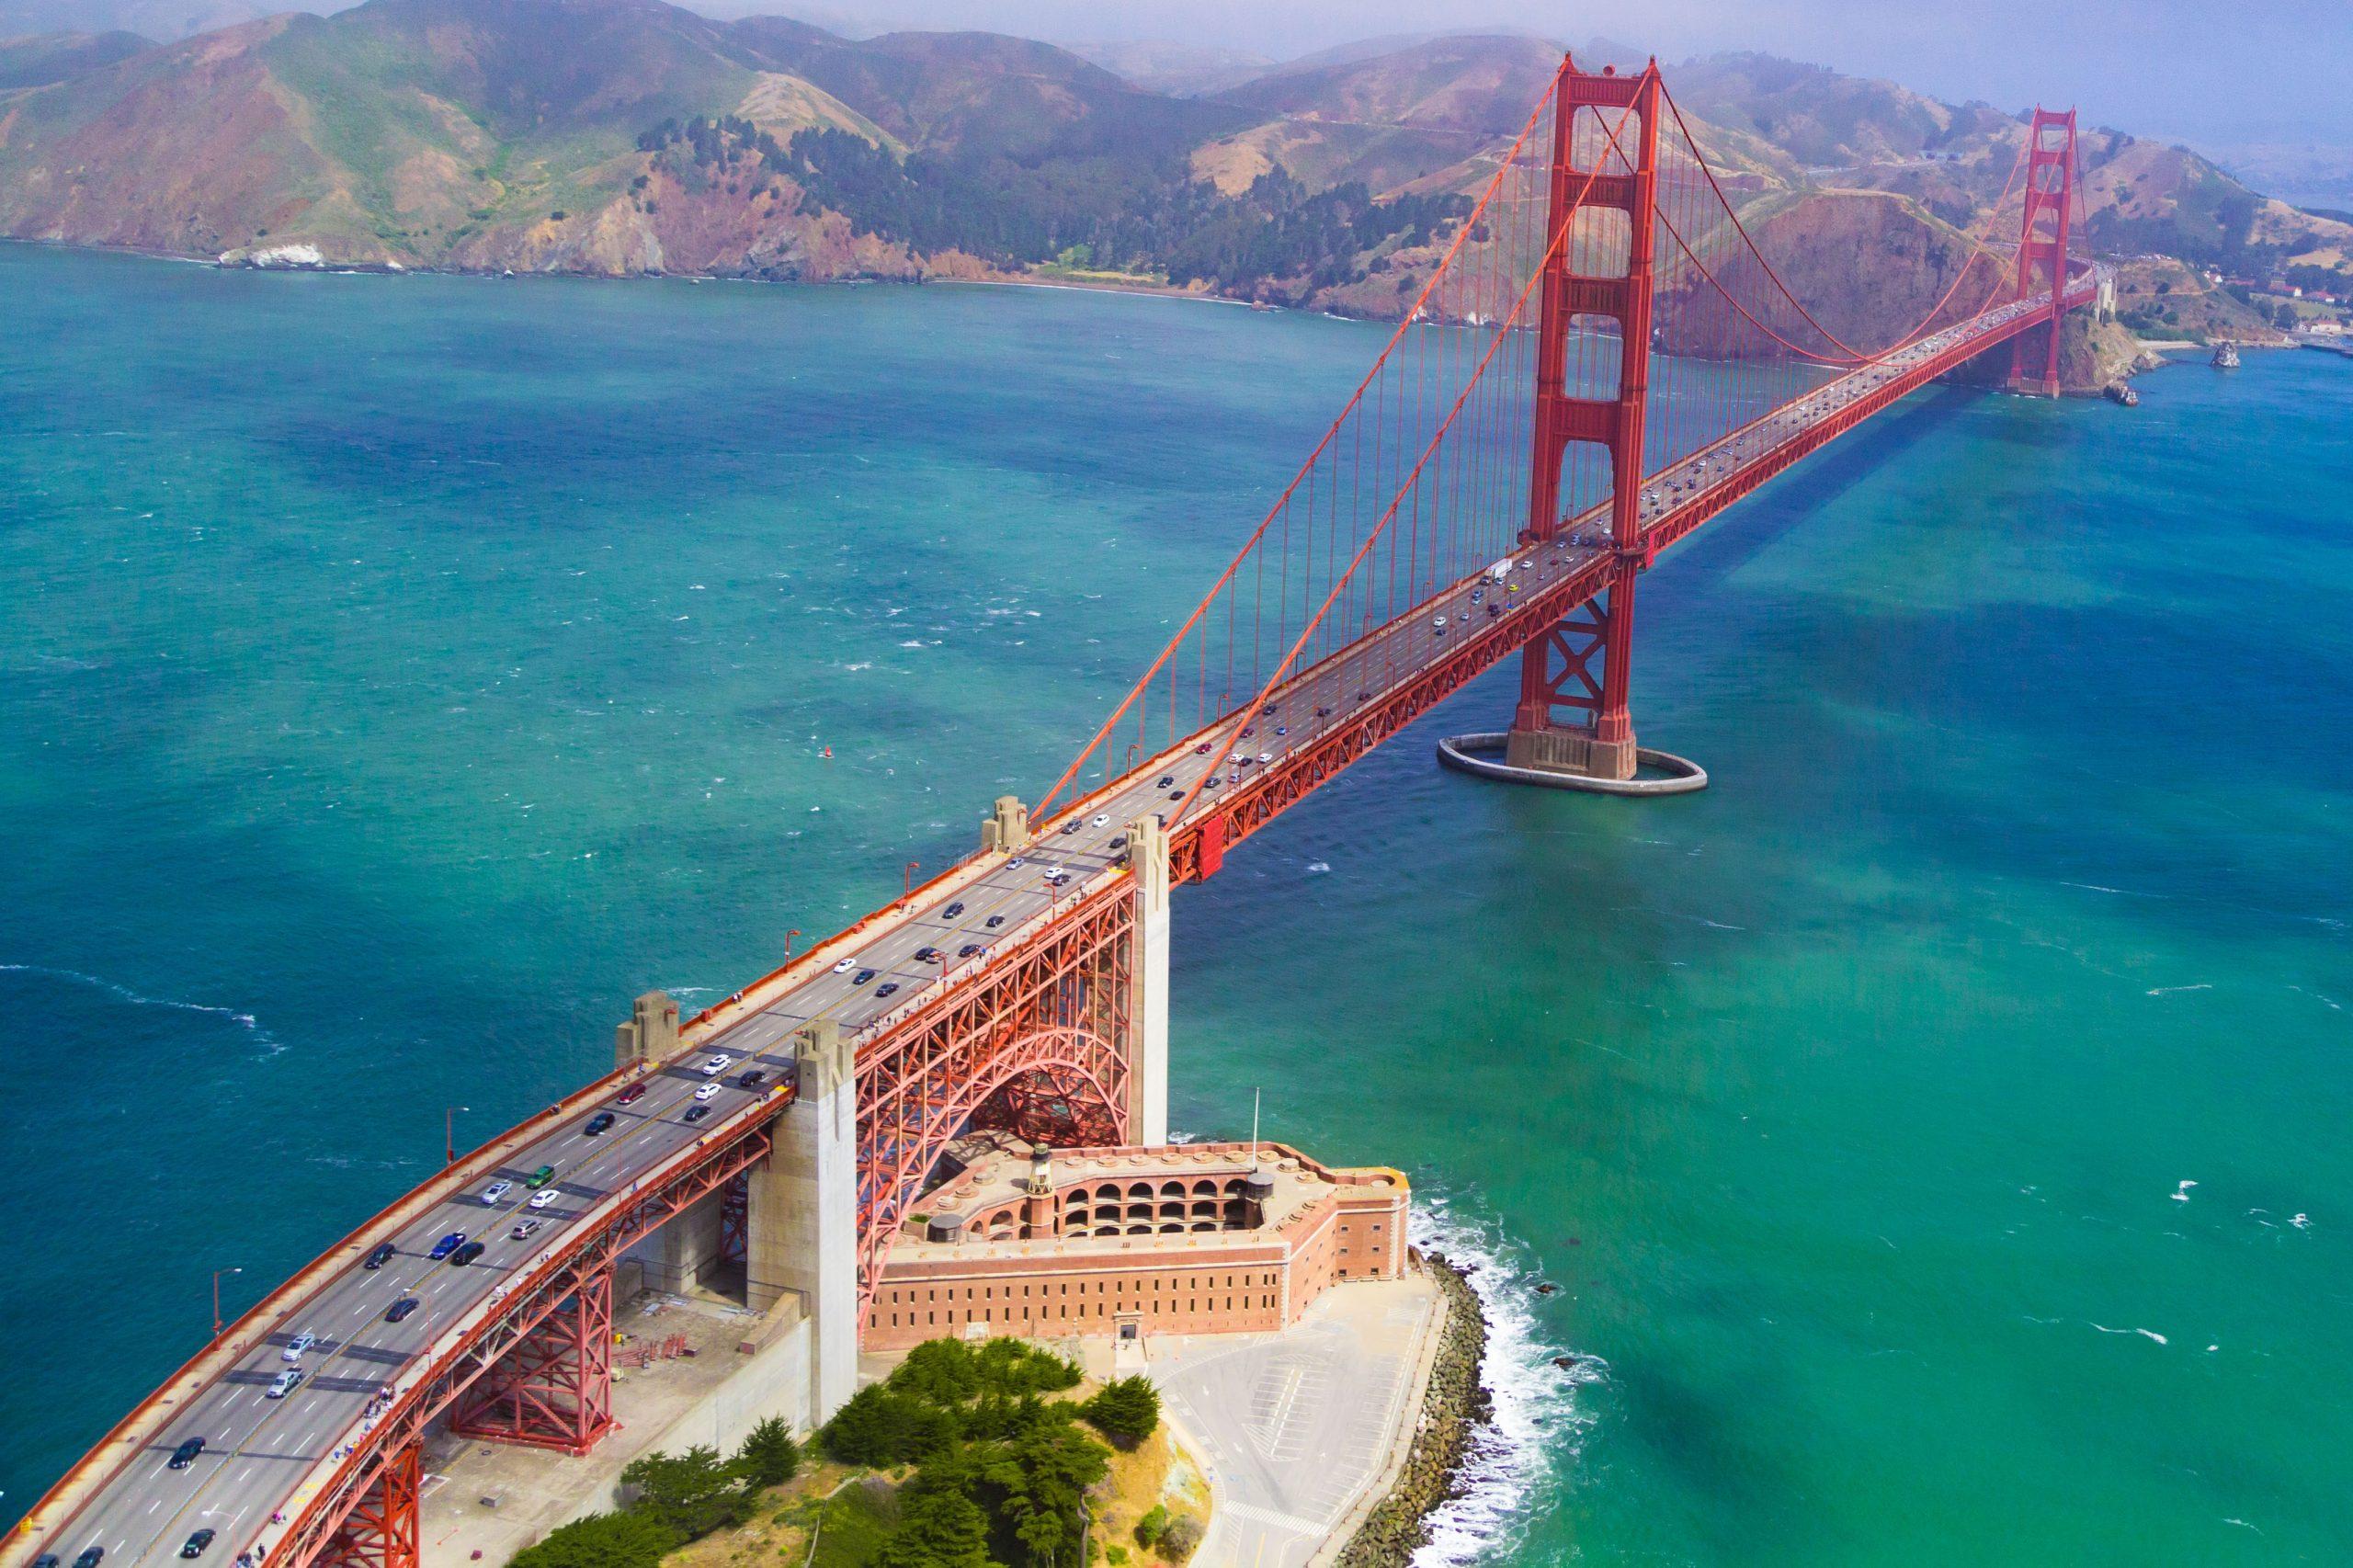 Golden Gate Bridge By Edgar Chaparro [unsplash]